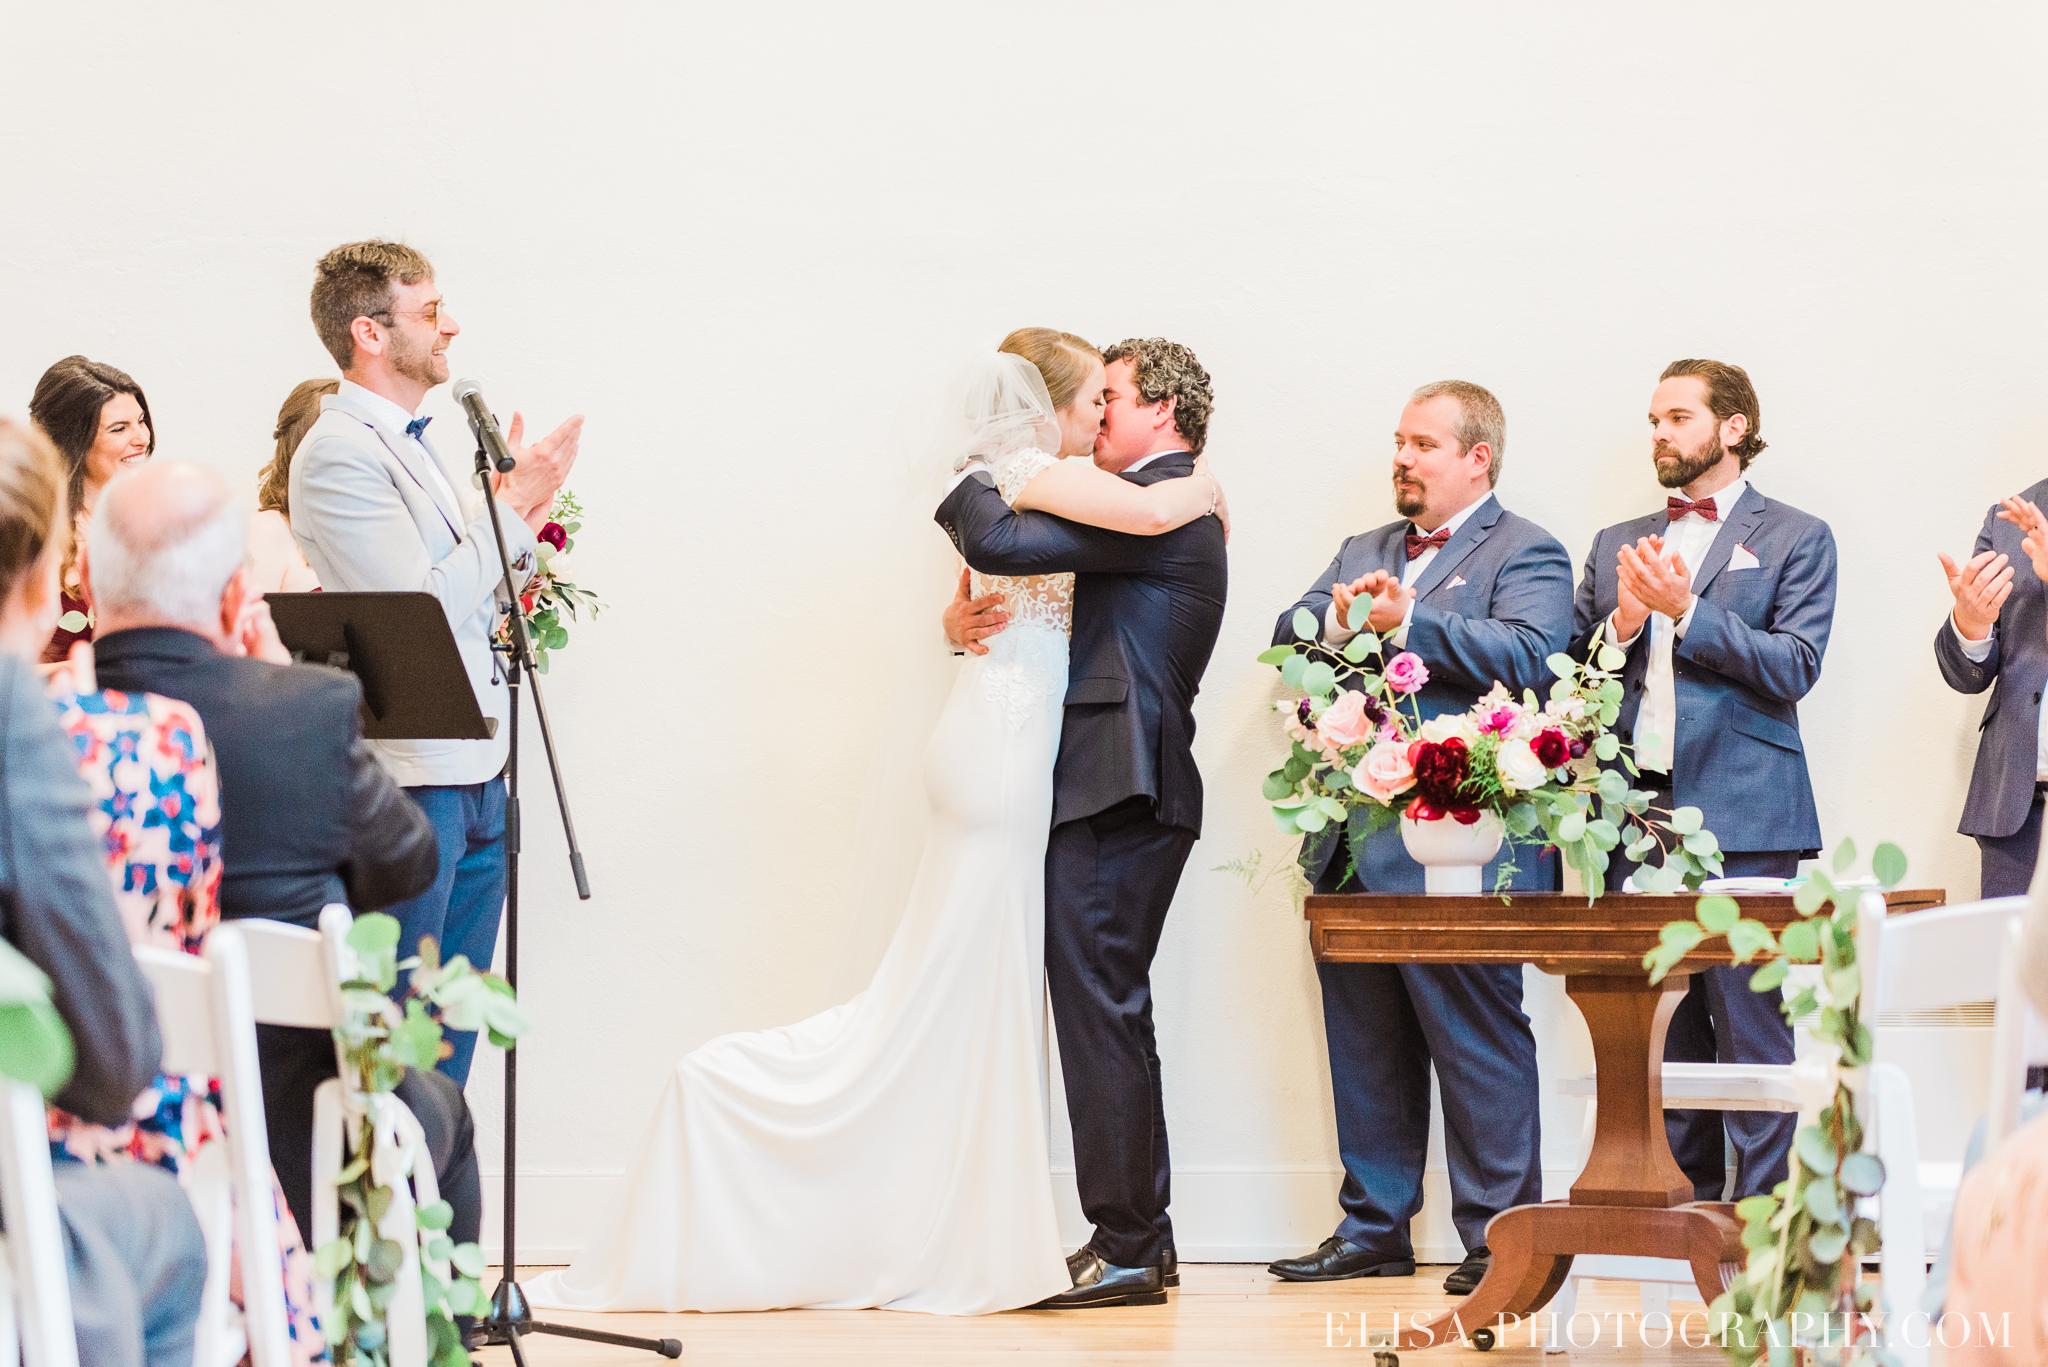 photo mariage ceremonie lifestyle domaine cataraqui pluie atelier peintre 0461 - Mariage élégant et discret au coeur du magnifique Domaine Cataraqui, Québec